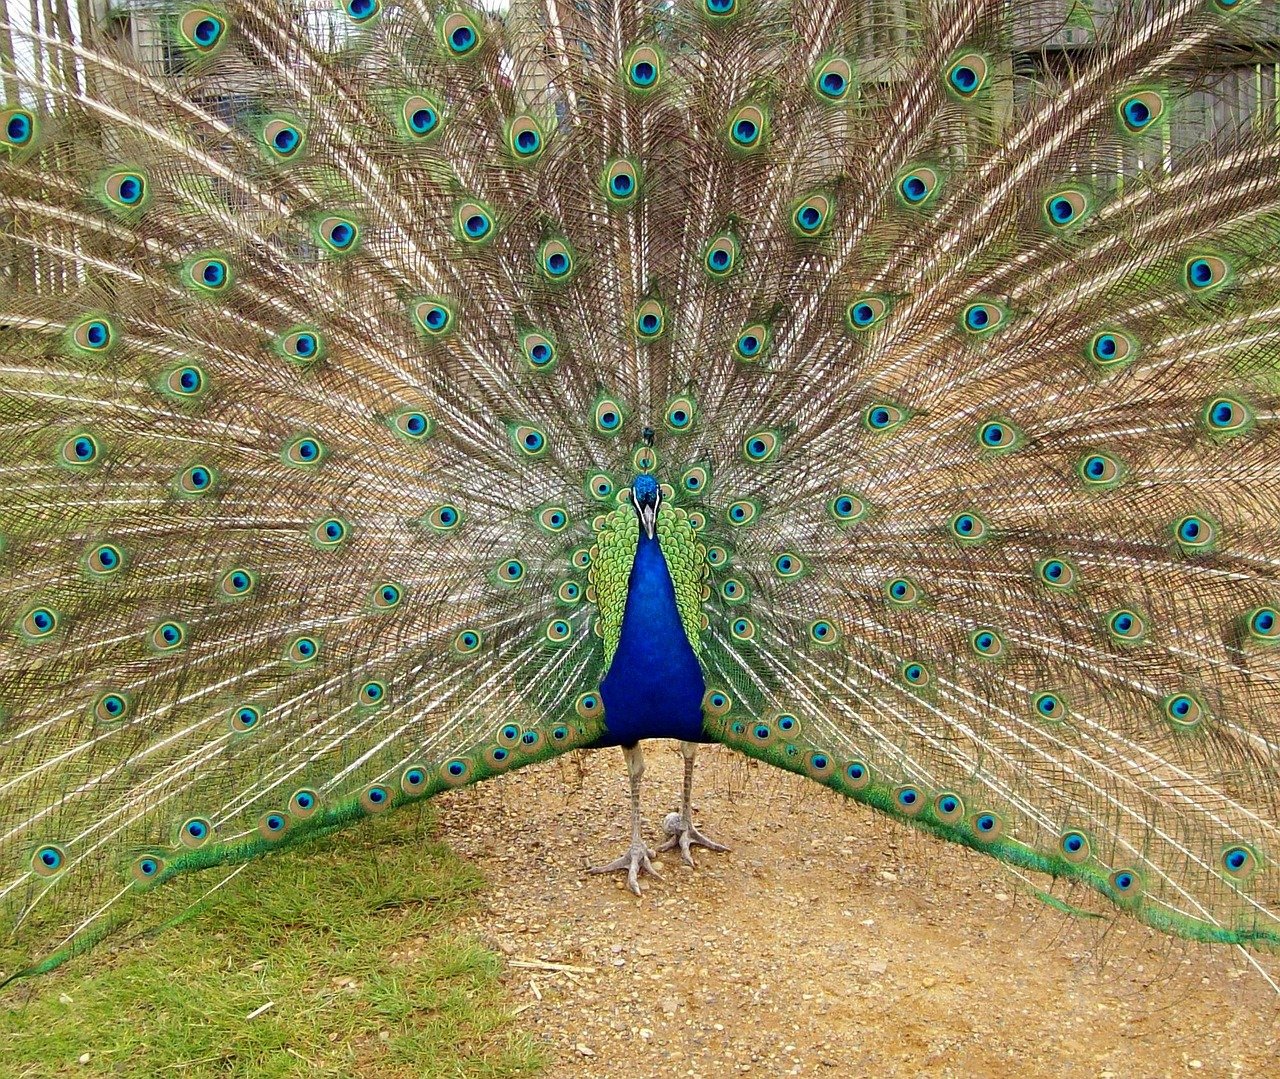 Ketika merak biru membentangkan ekornya, seolah ada ratusan mata yang terpampang. | image 4